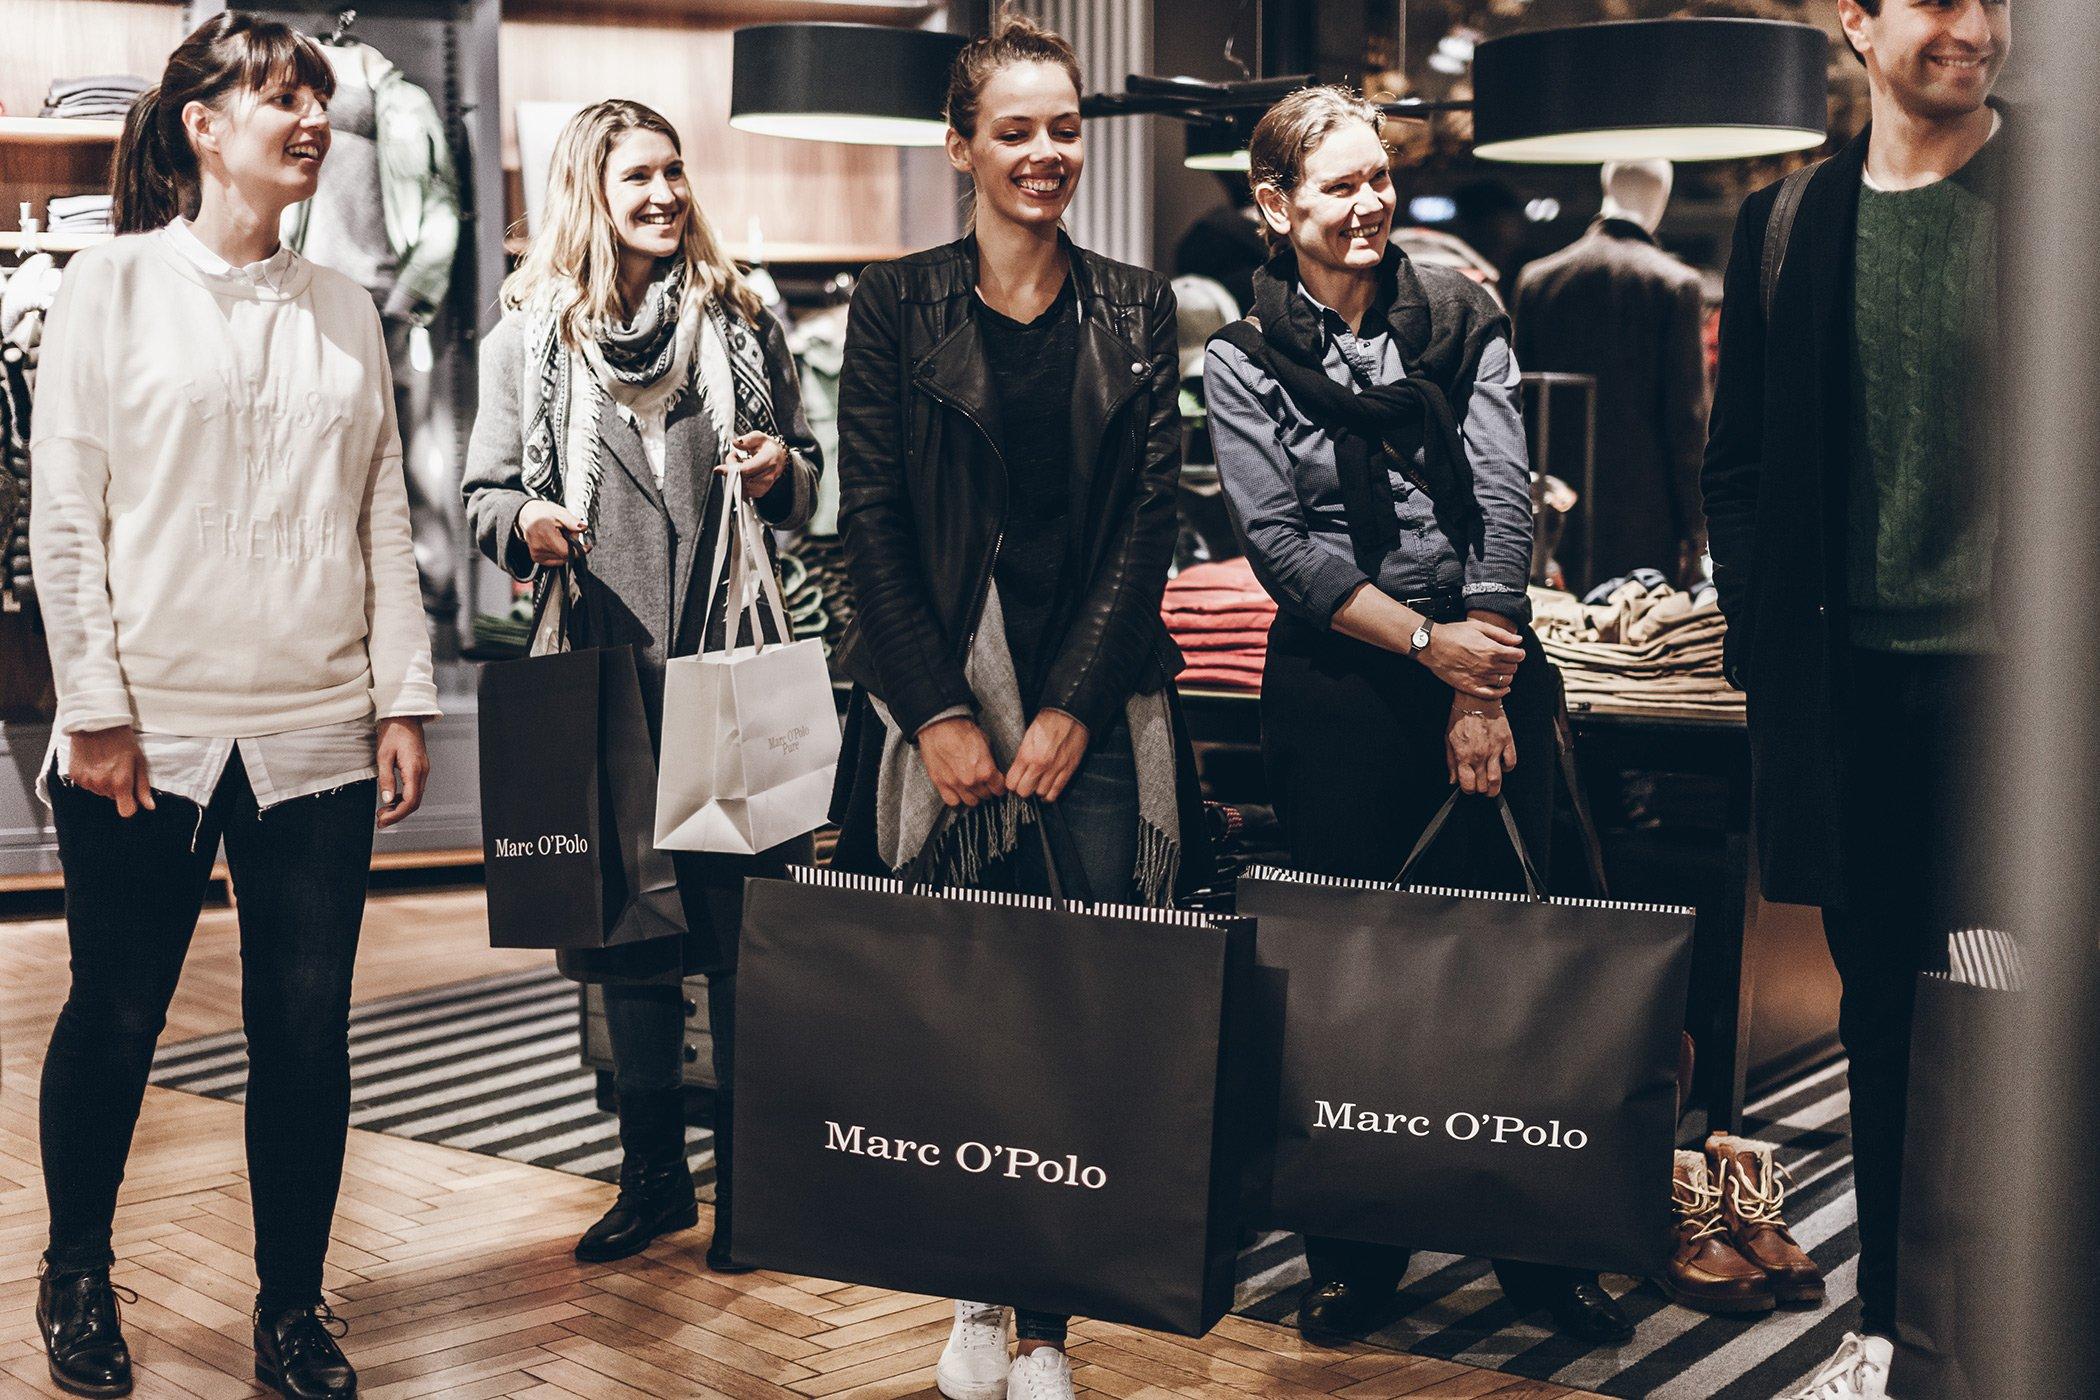 mikuta-marc-o-polo-shopping-20